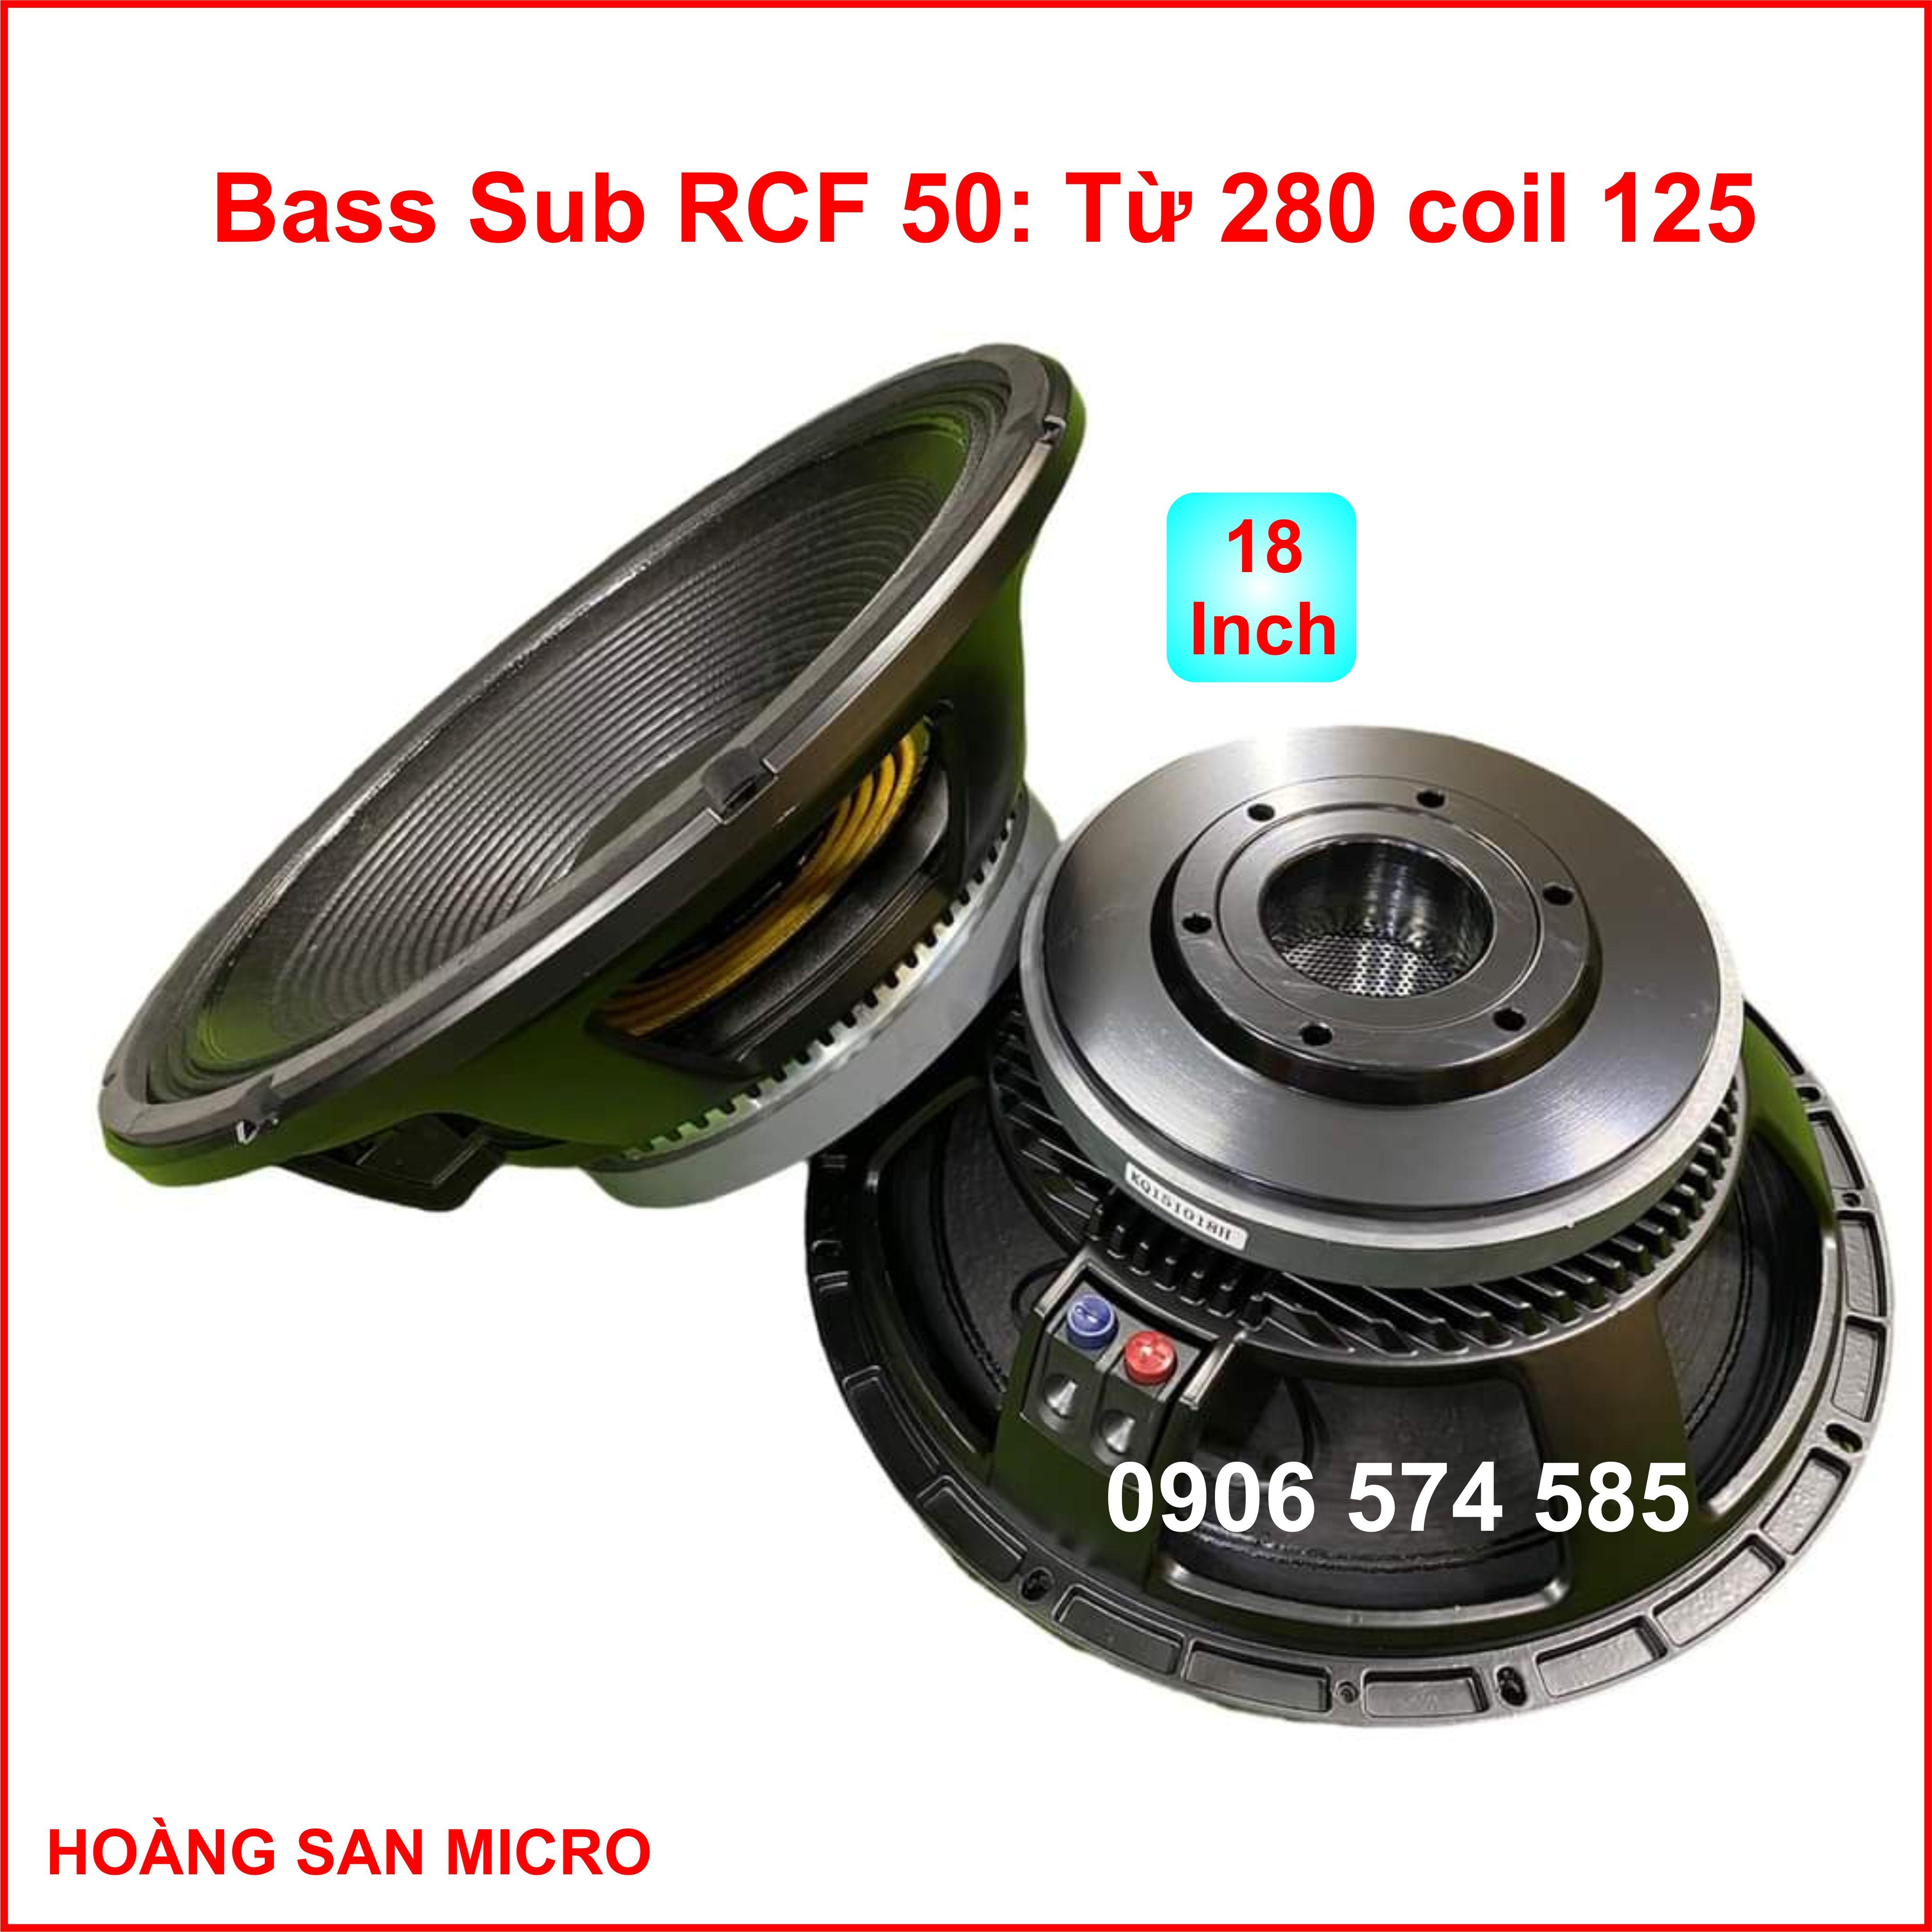 [Nhập khẩu] Loa bass RCF 5 tấc từ 280 coil 125  - bass 50 coil 125 từ 280  -  bass 18 inch RCF - giá một cái